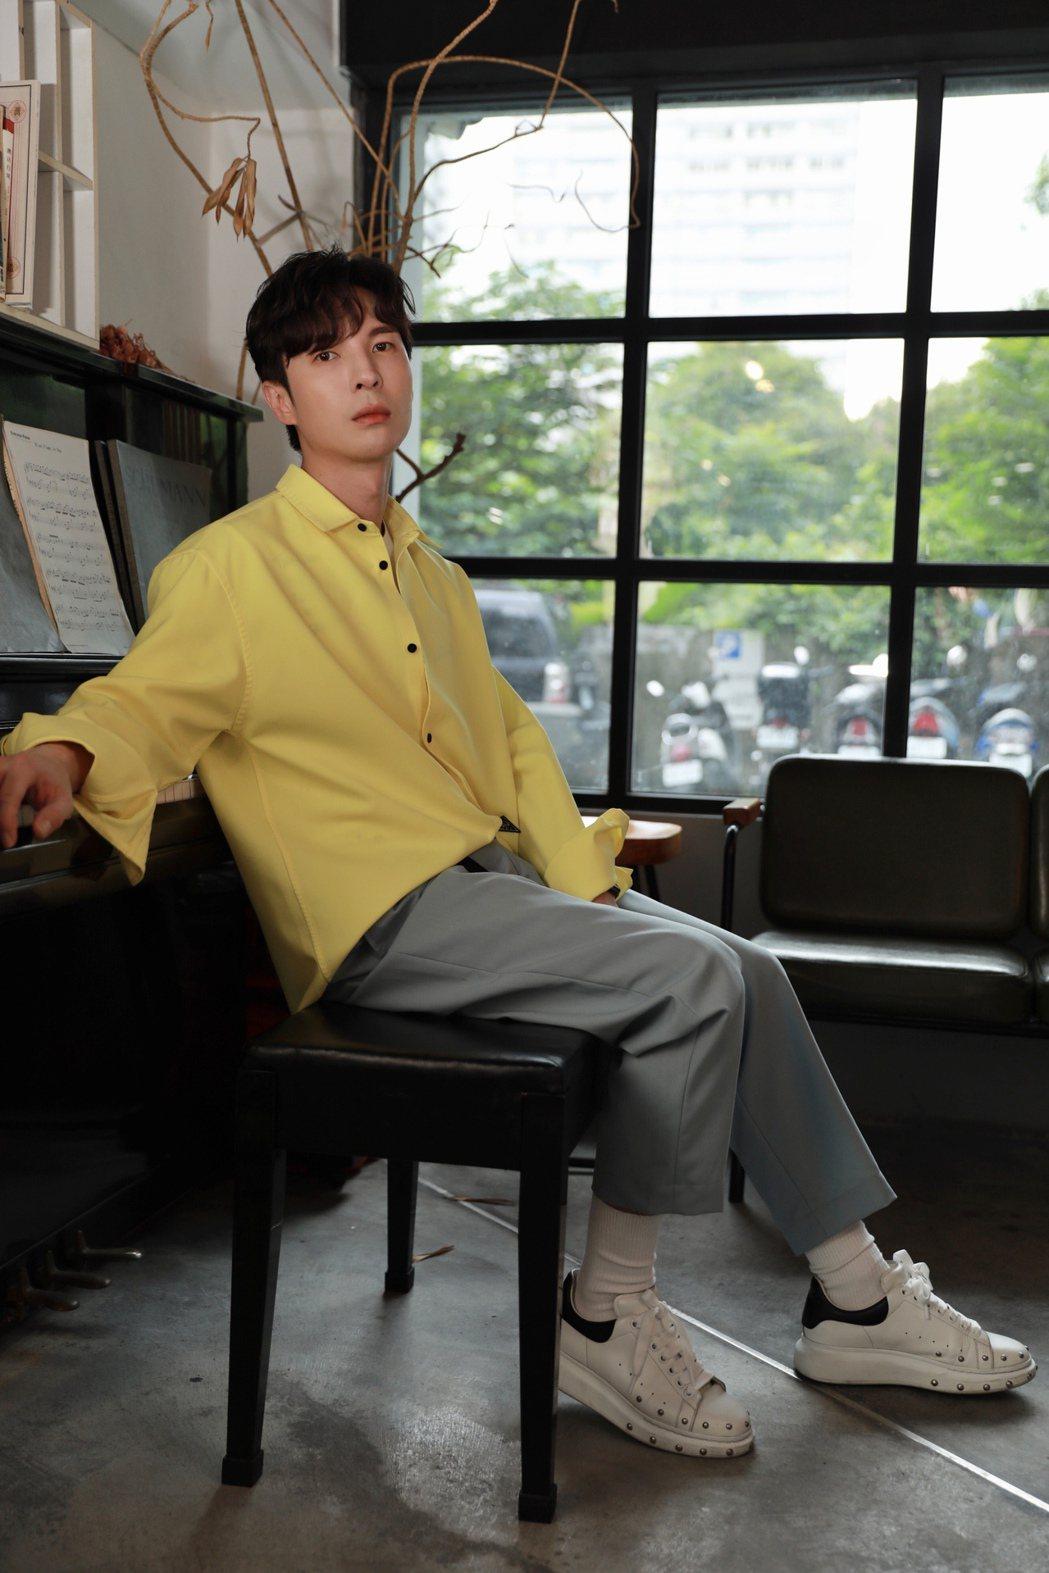 陳勢安為新專輯「唯一想了解的人」擔任音樂總監。圖/索尼音樂提供